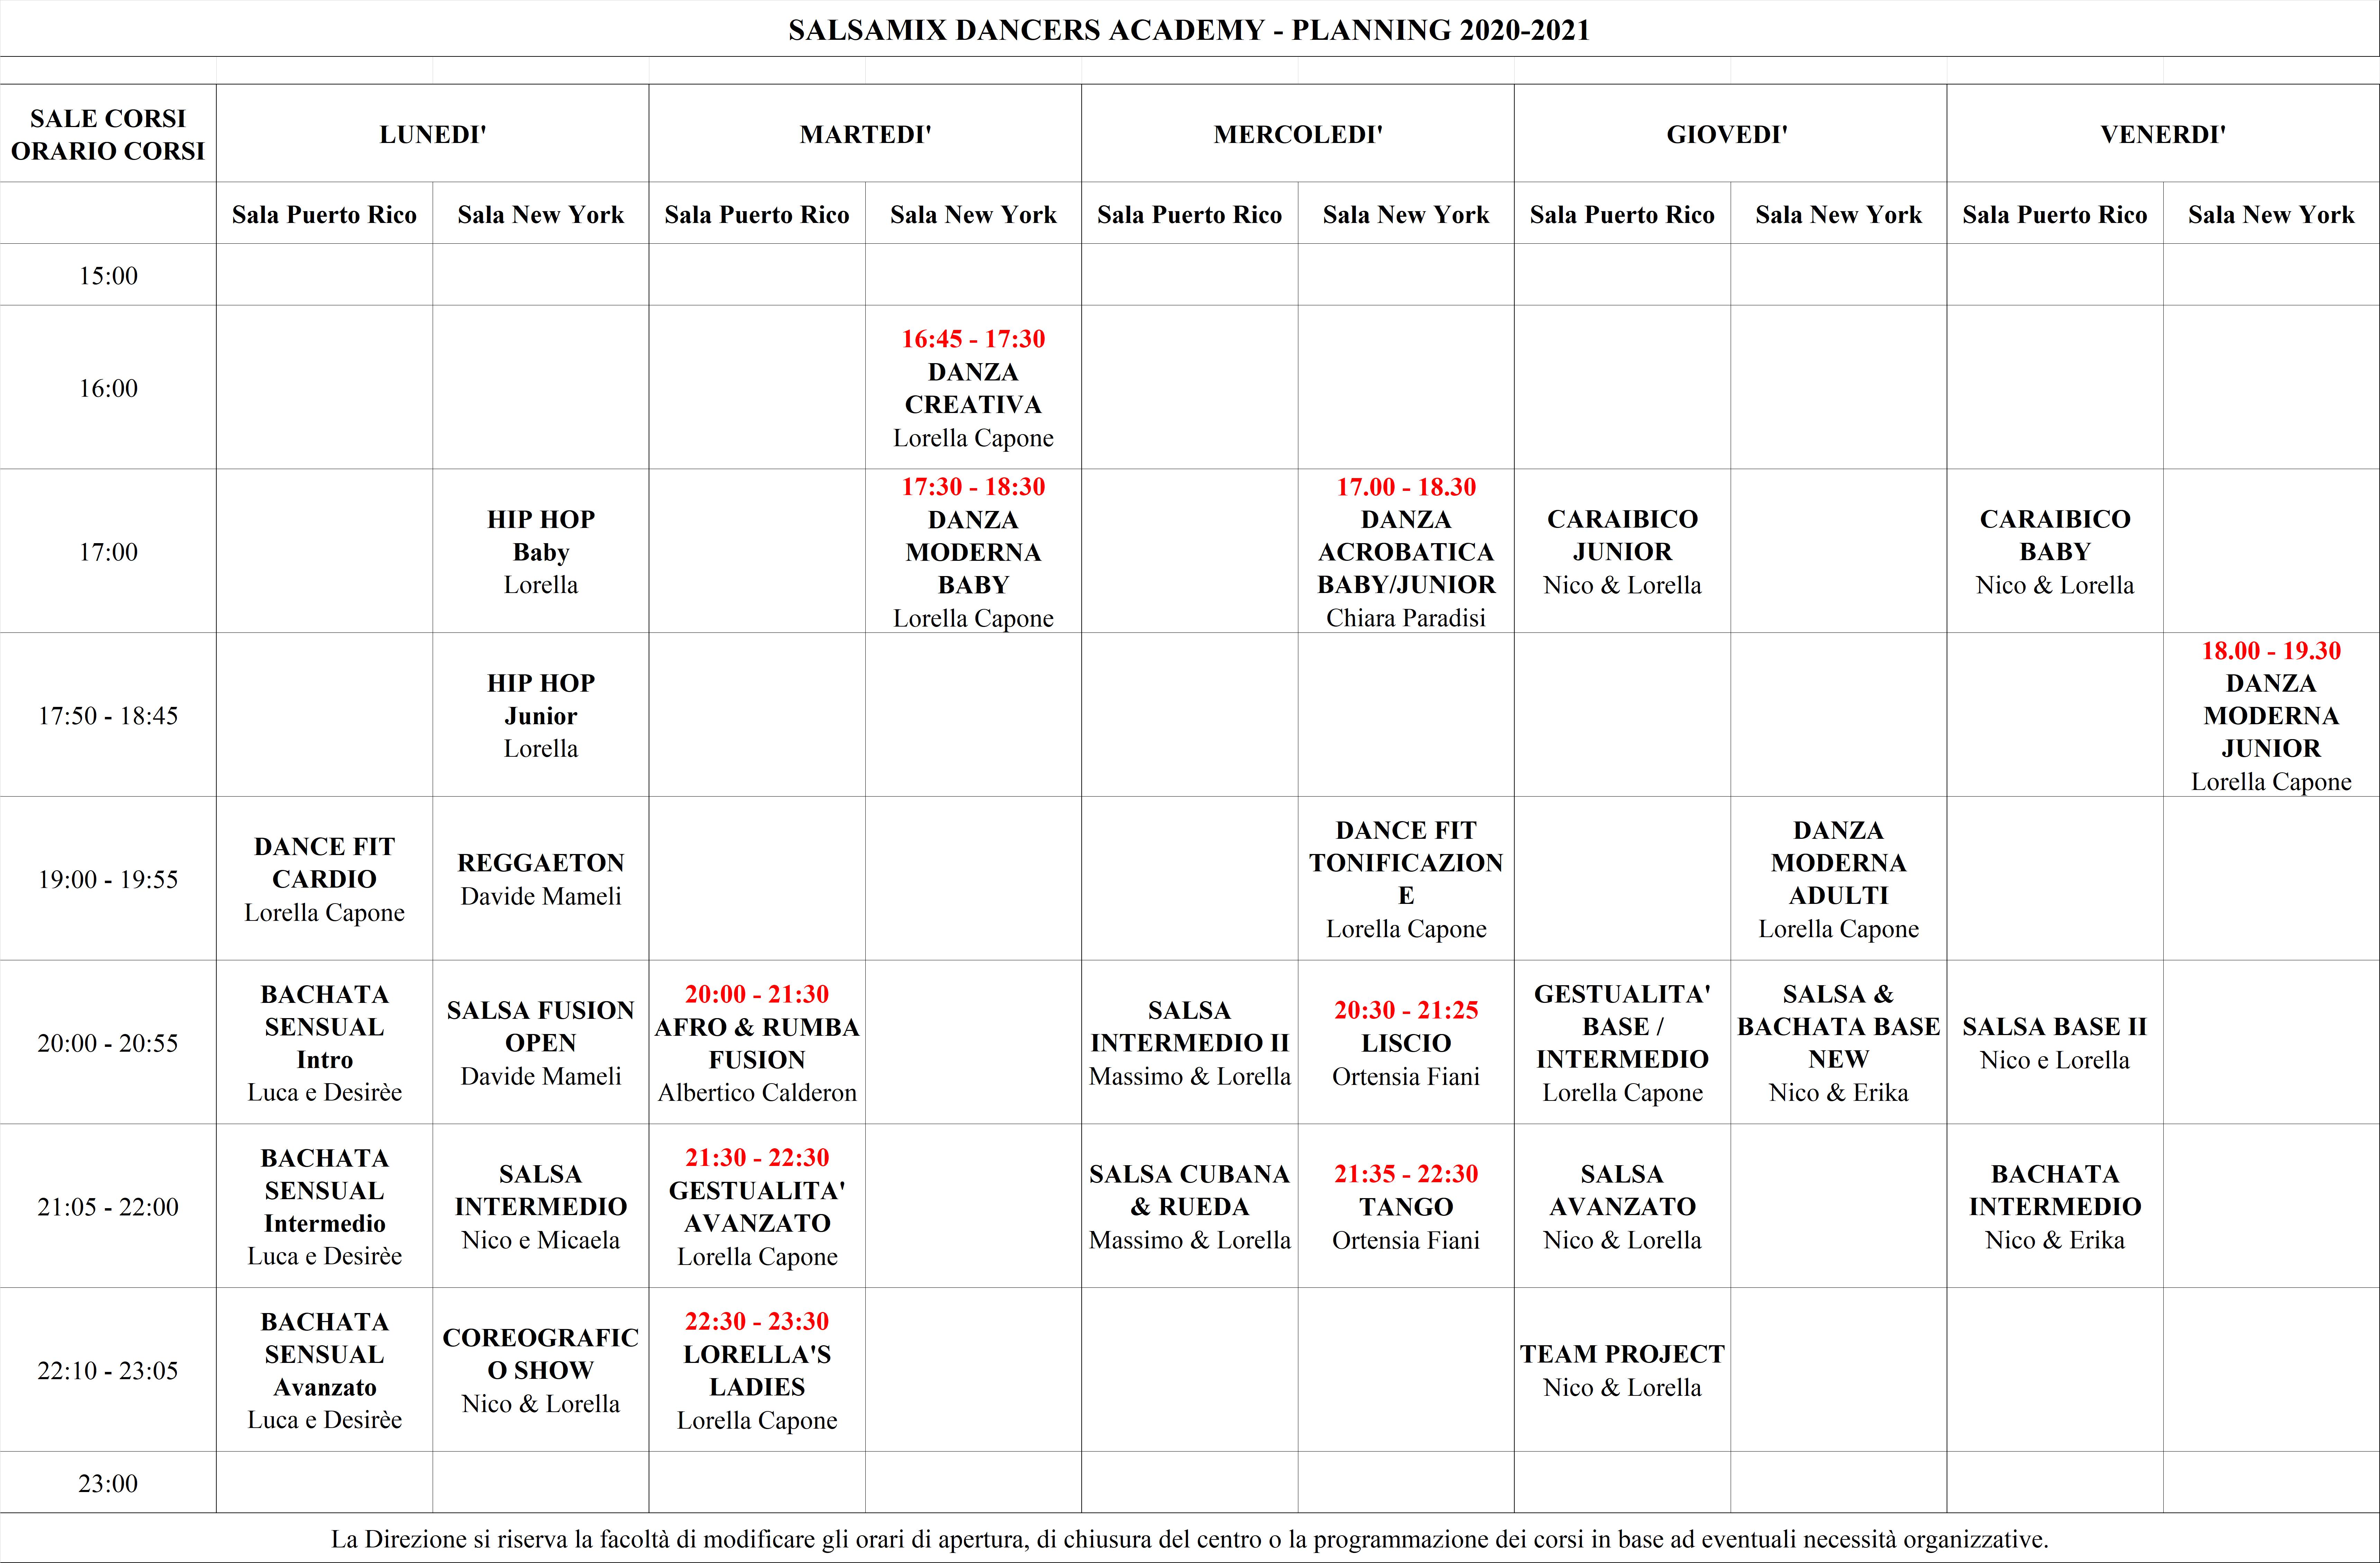 Planning corsi 2020-2021